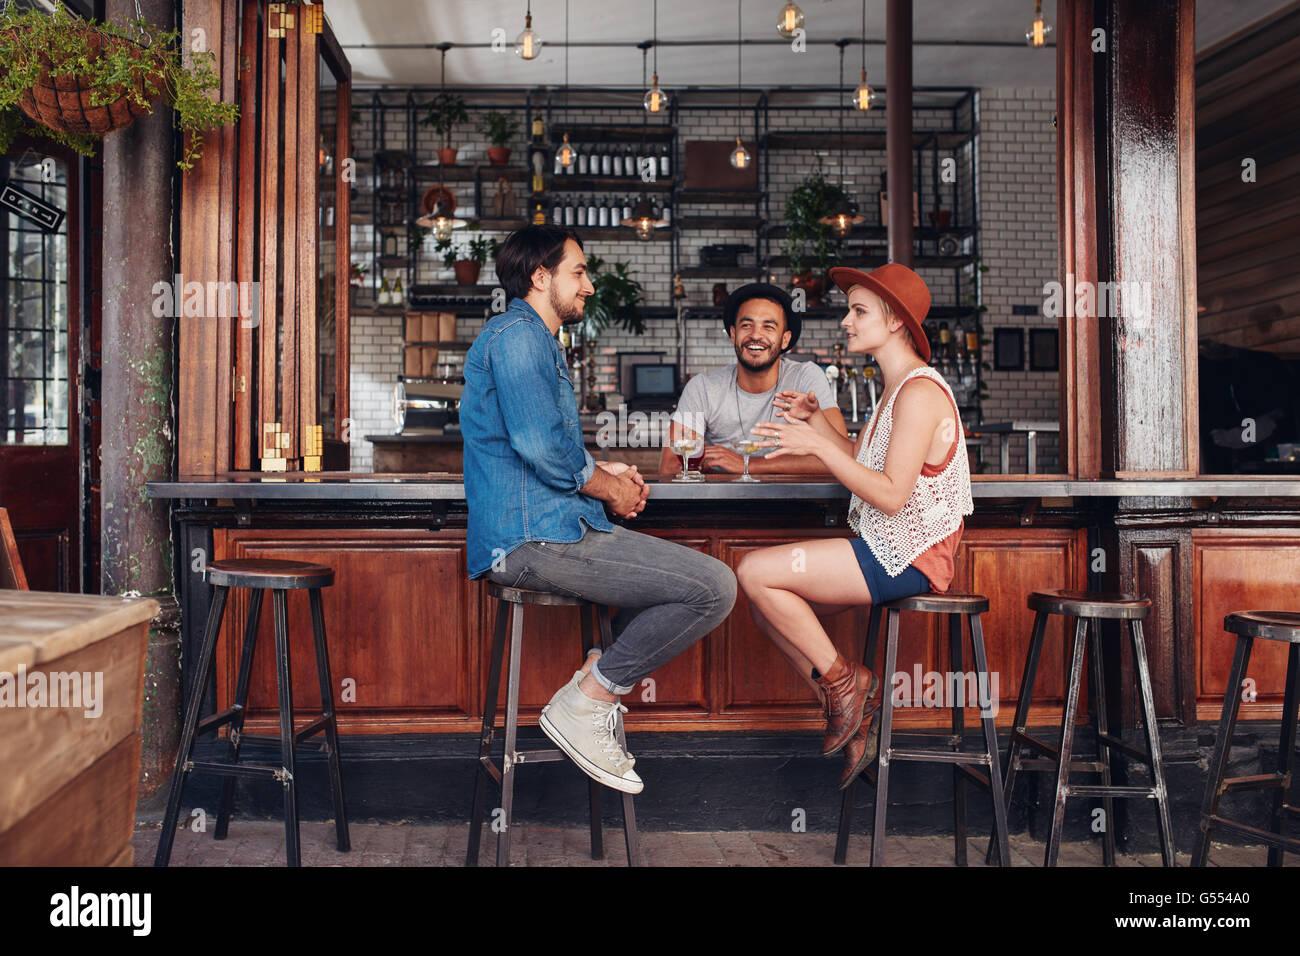 Retrato de feliz grupo de jóvenes reunidos en una cafetería y hablando. Tres jóvenes amigos sentados Imagen De Stock